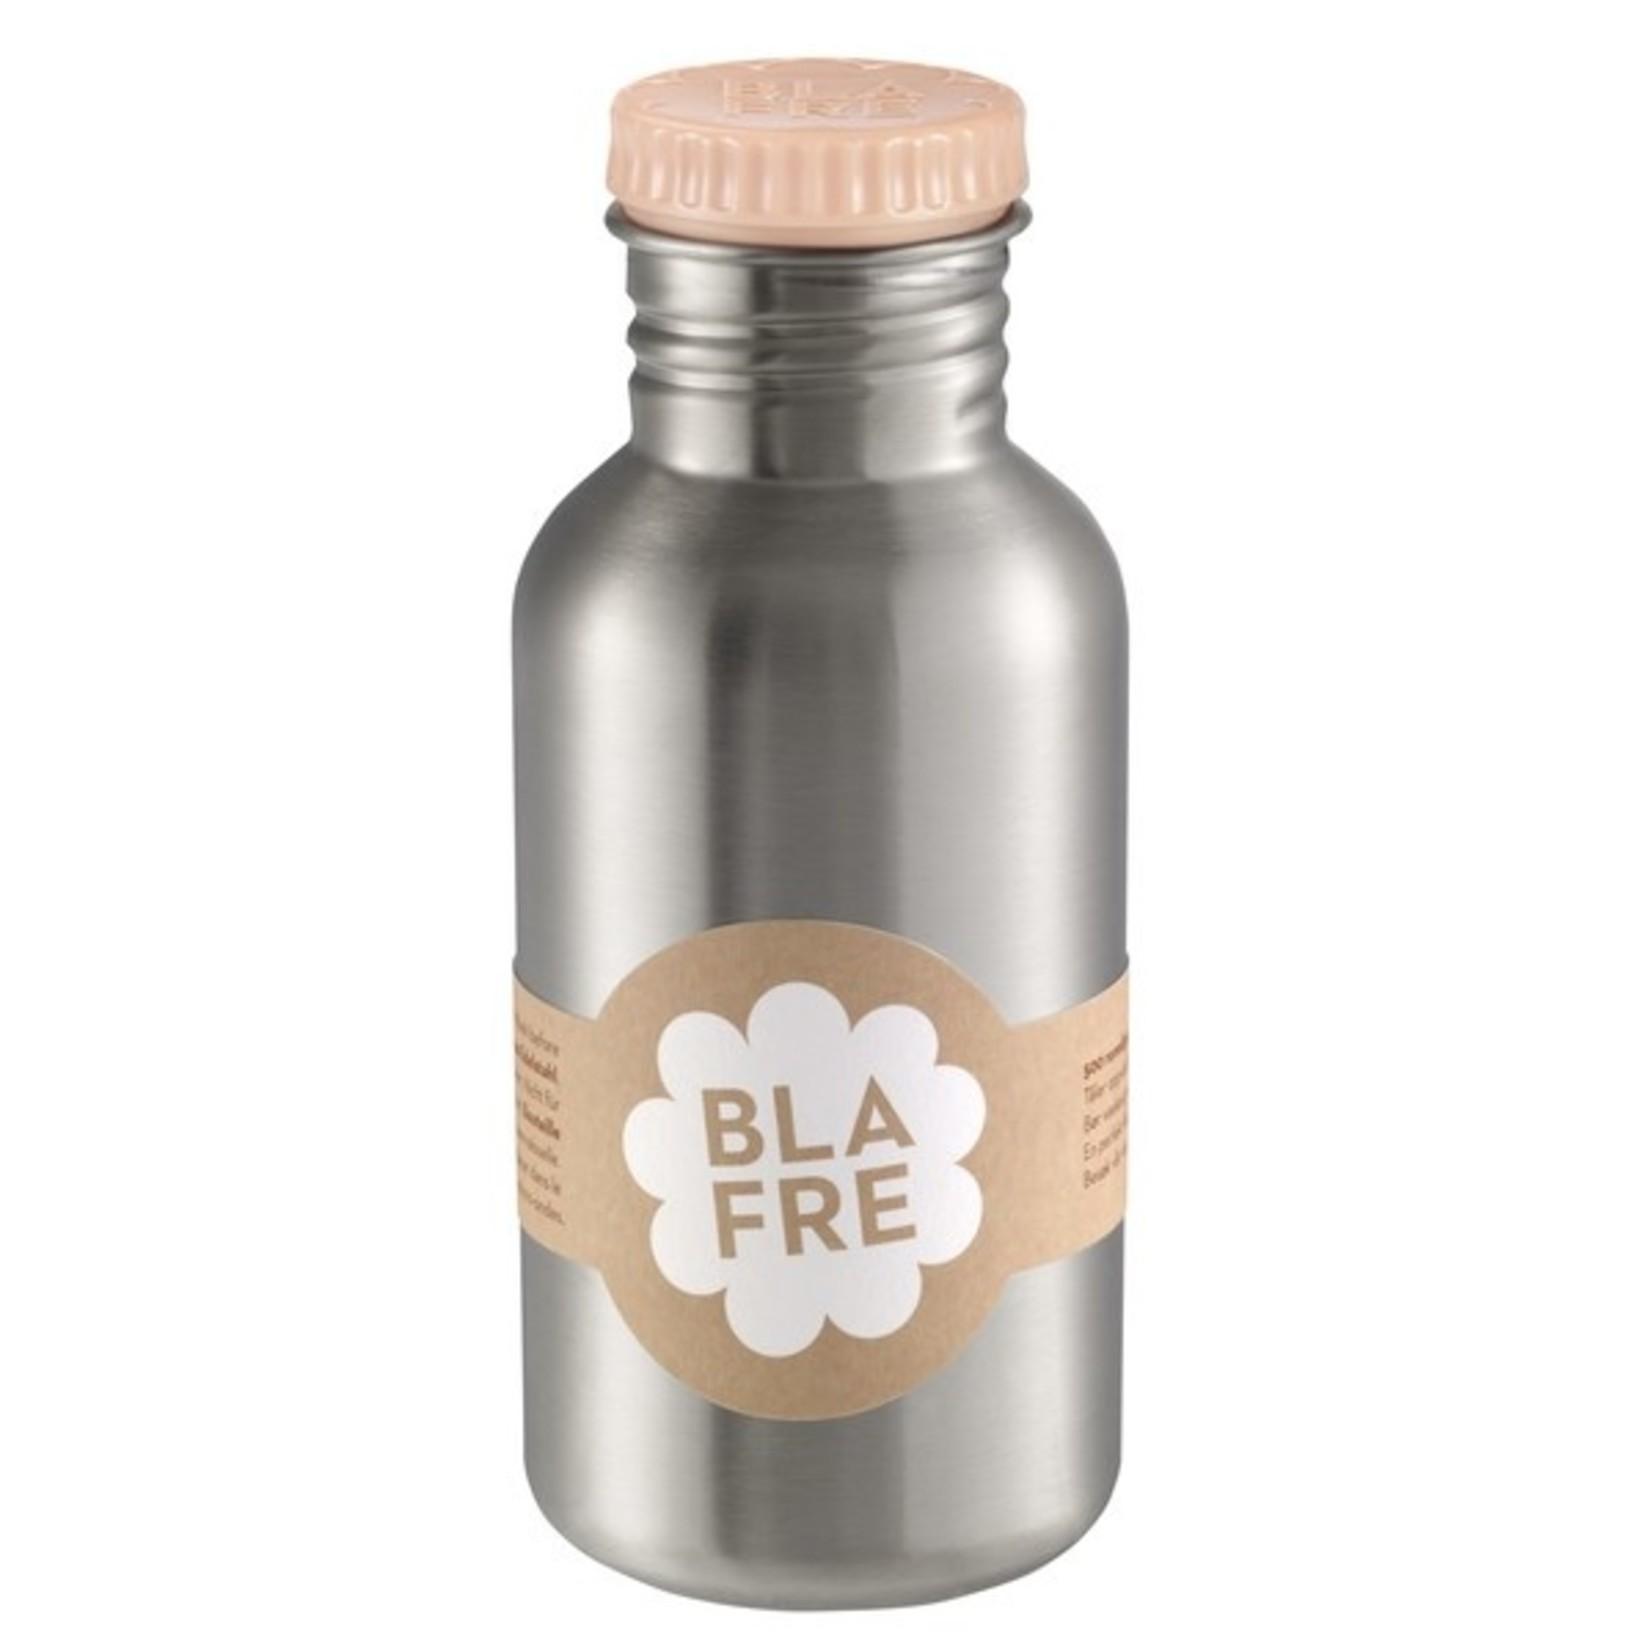 Blafre Blafre Stainless Steel Bottle 500ml Peach